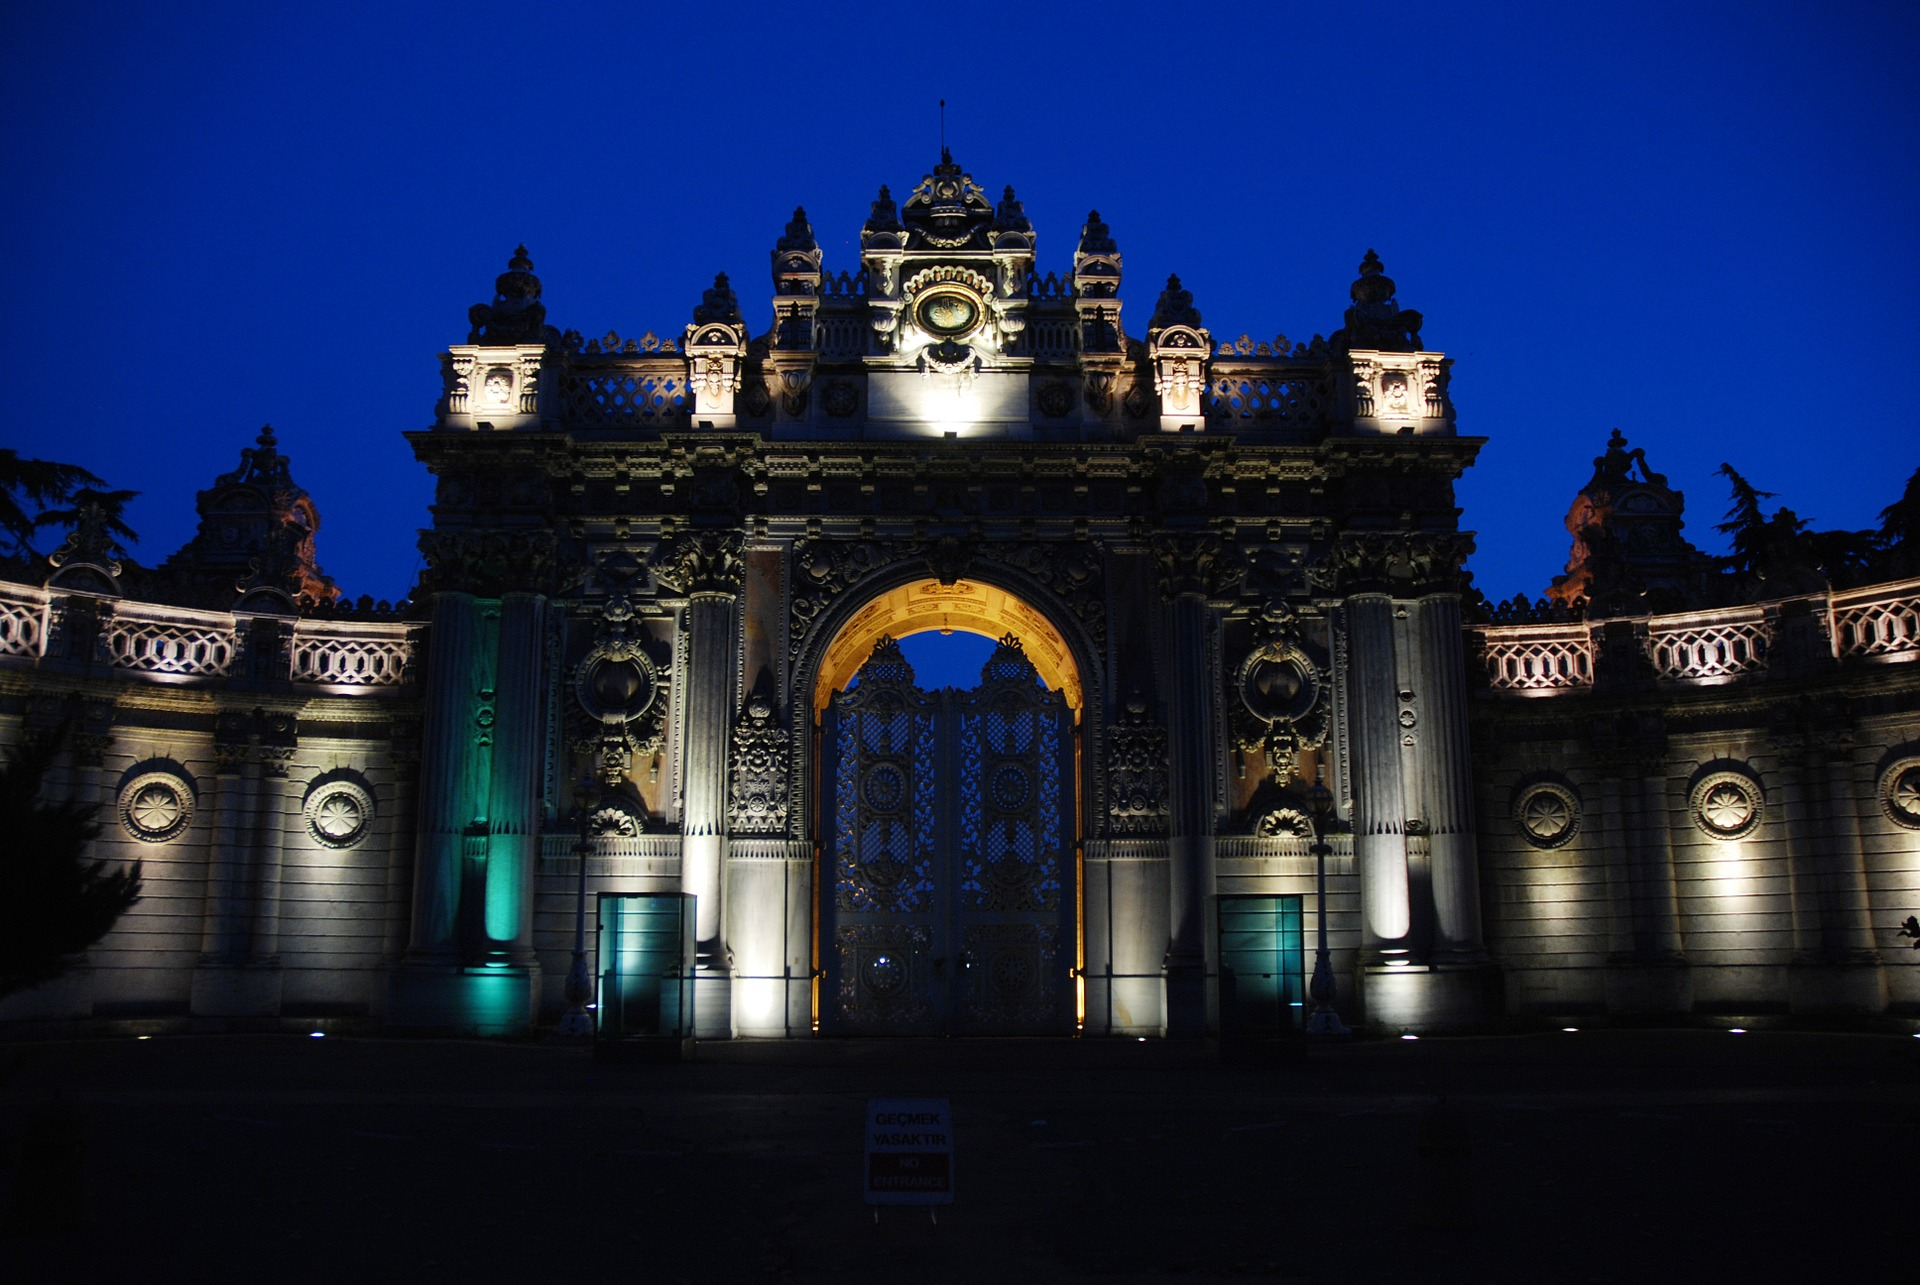 History of Dolmabahçe Palace